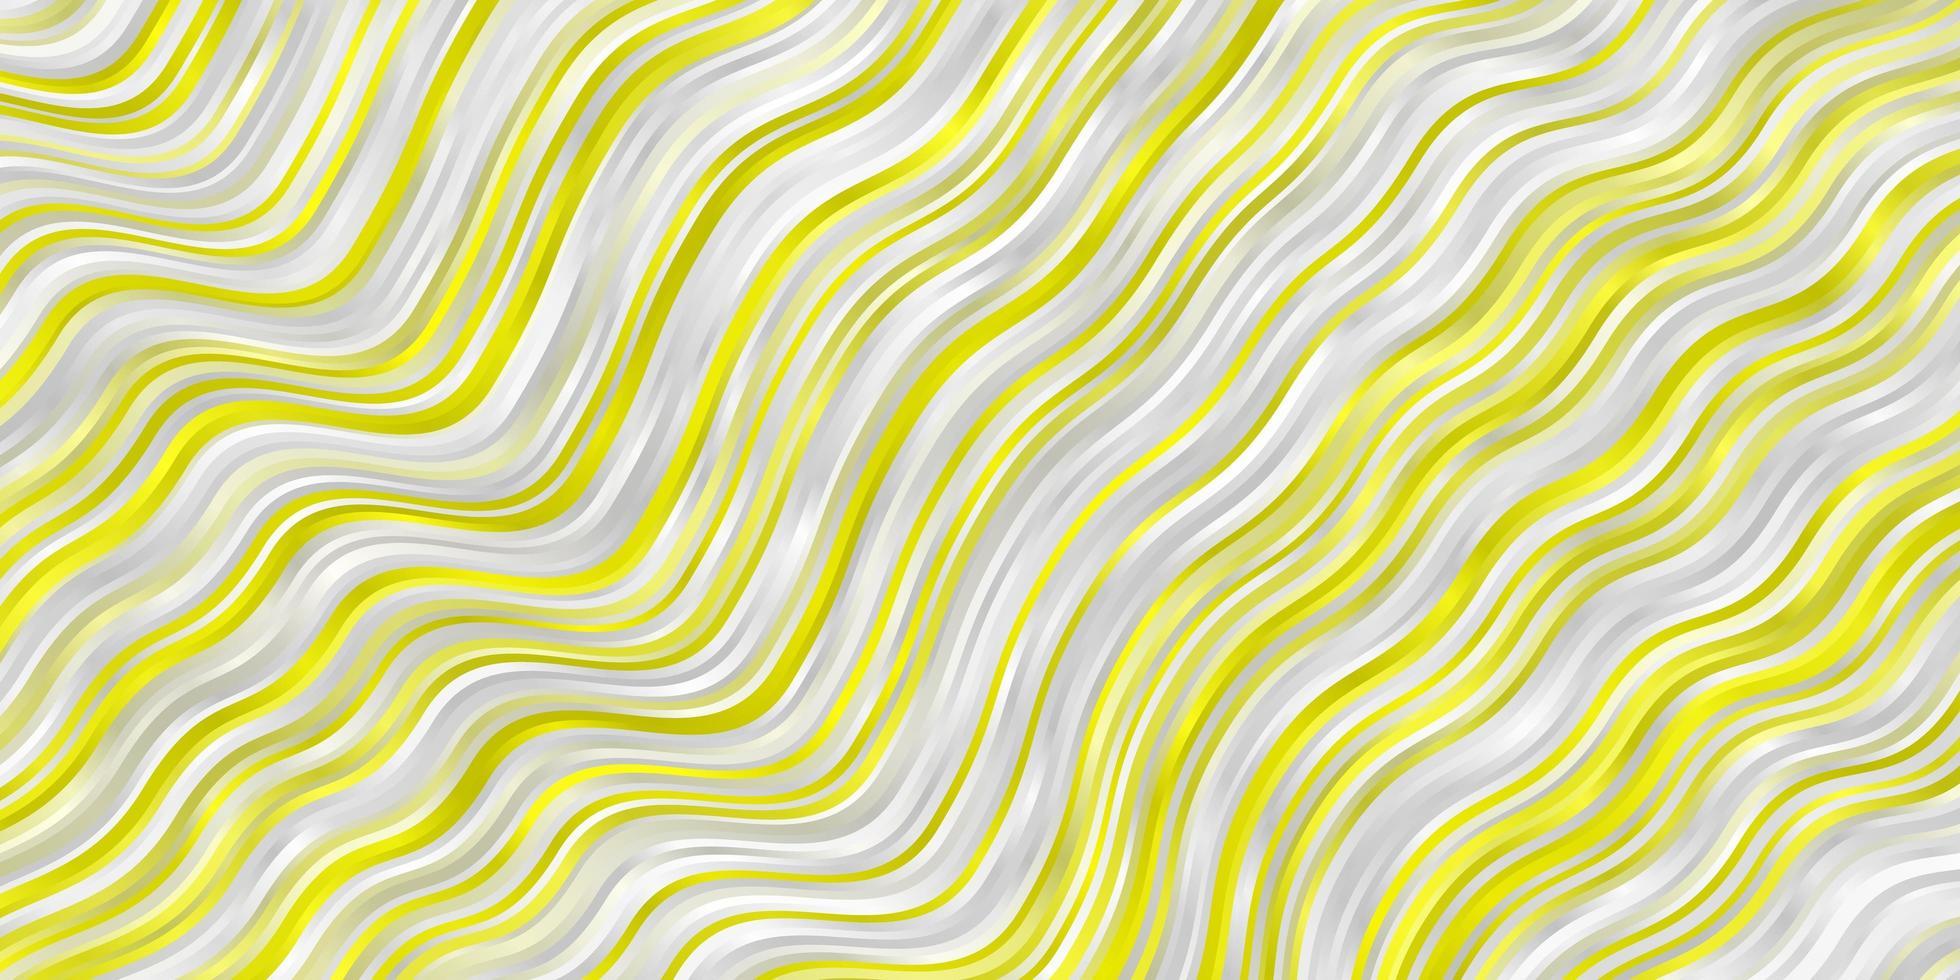 pano de fundo vector amarelo claro com curvas.